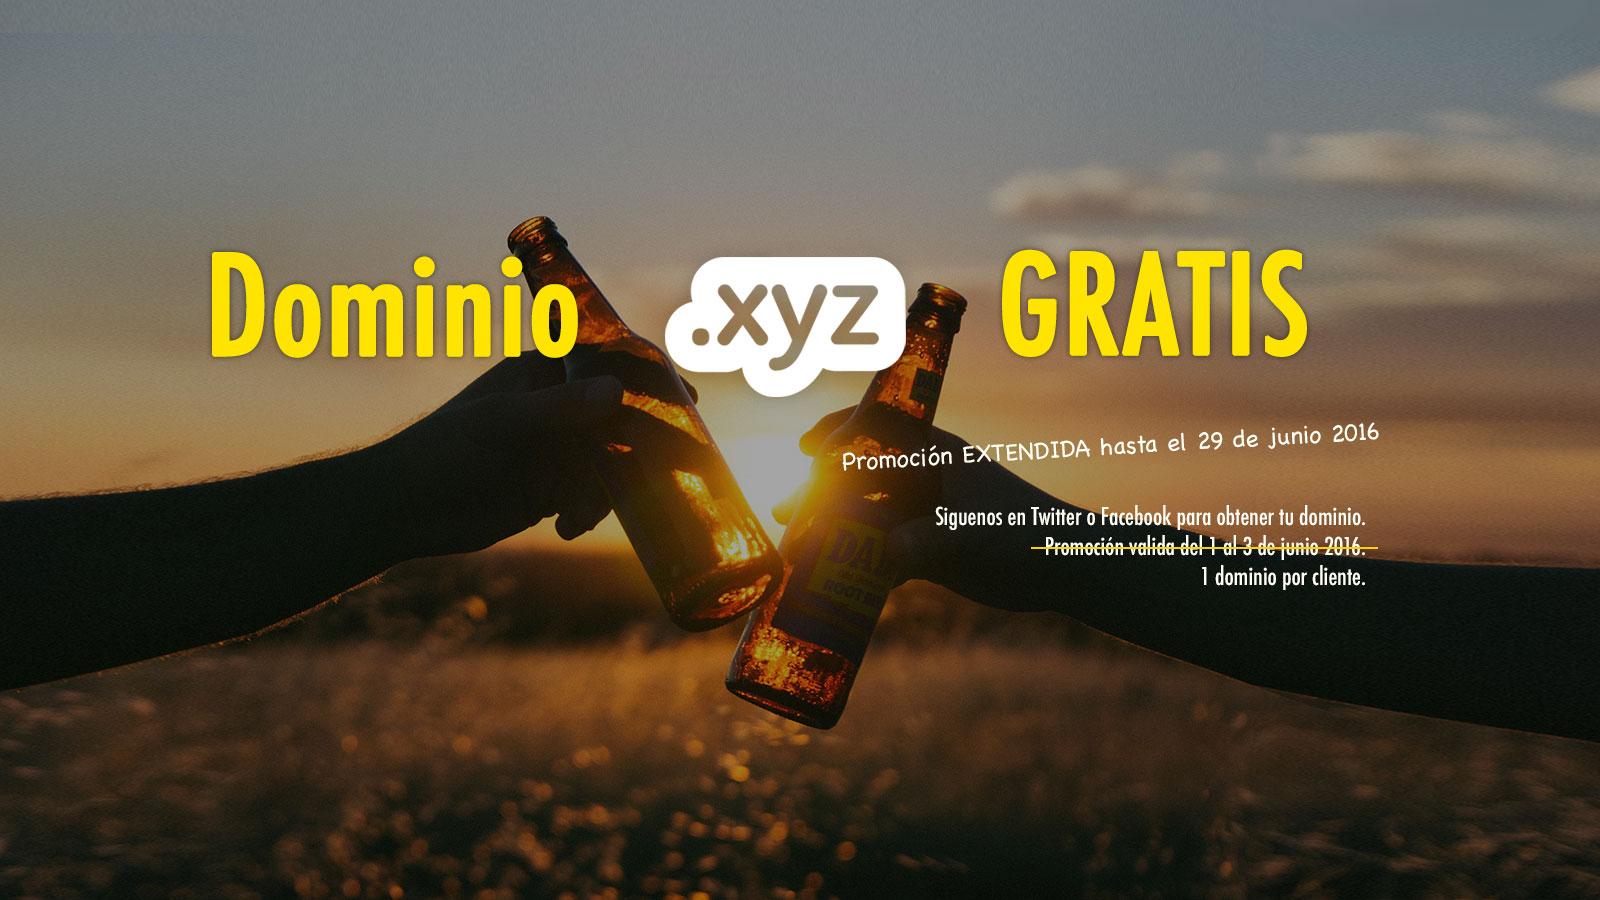 Dominio GRATIS .XYZ hasta el 29 de junio